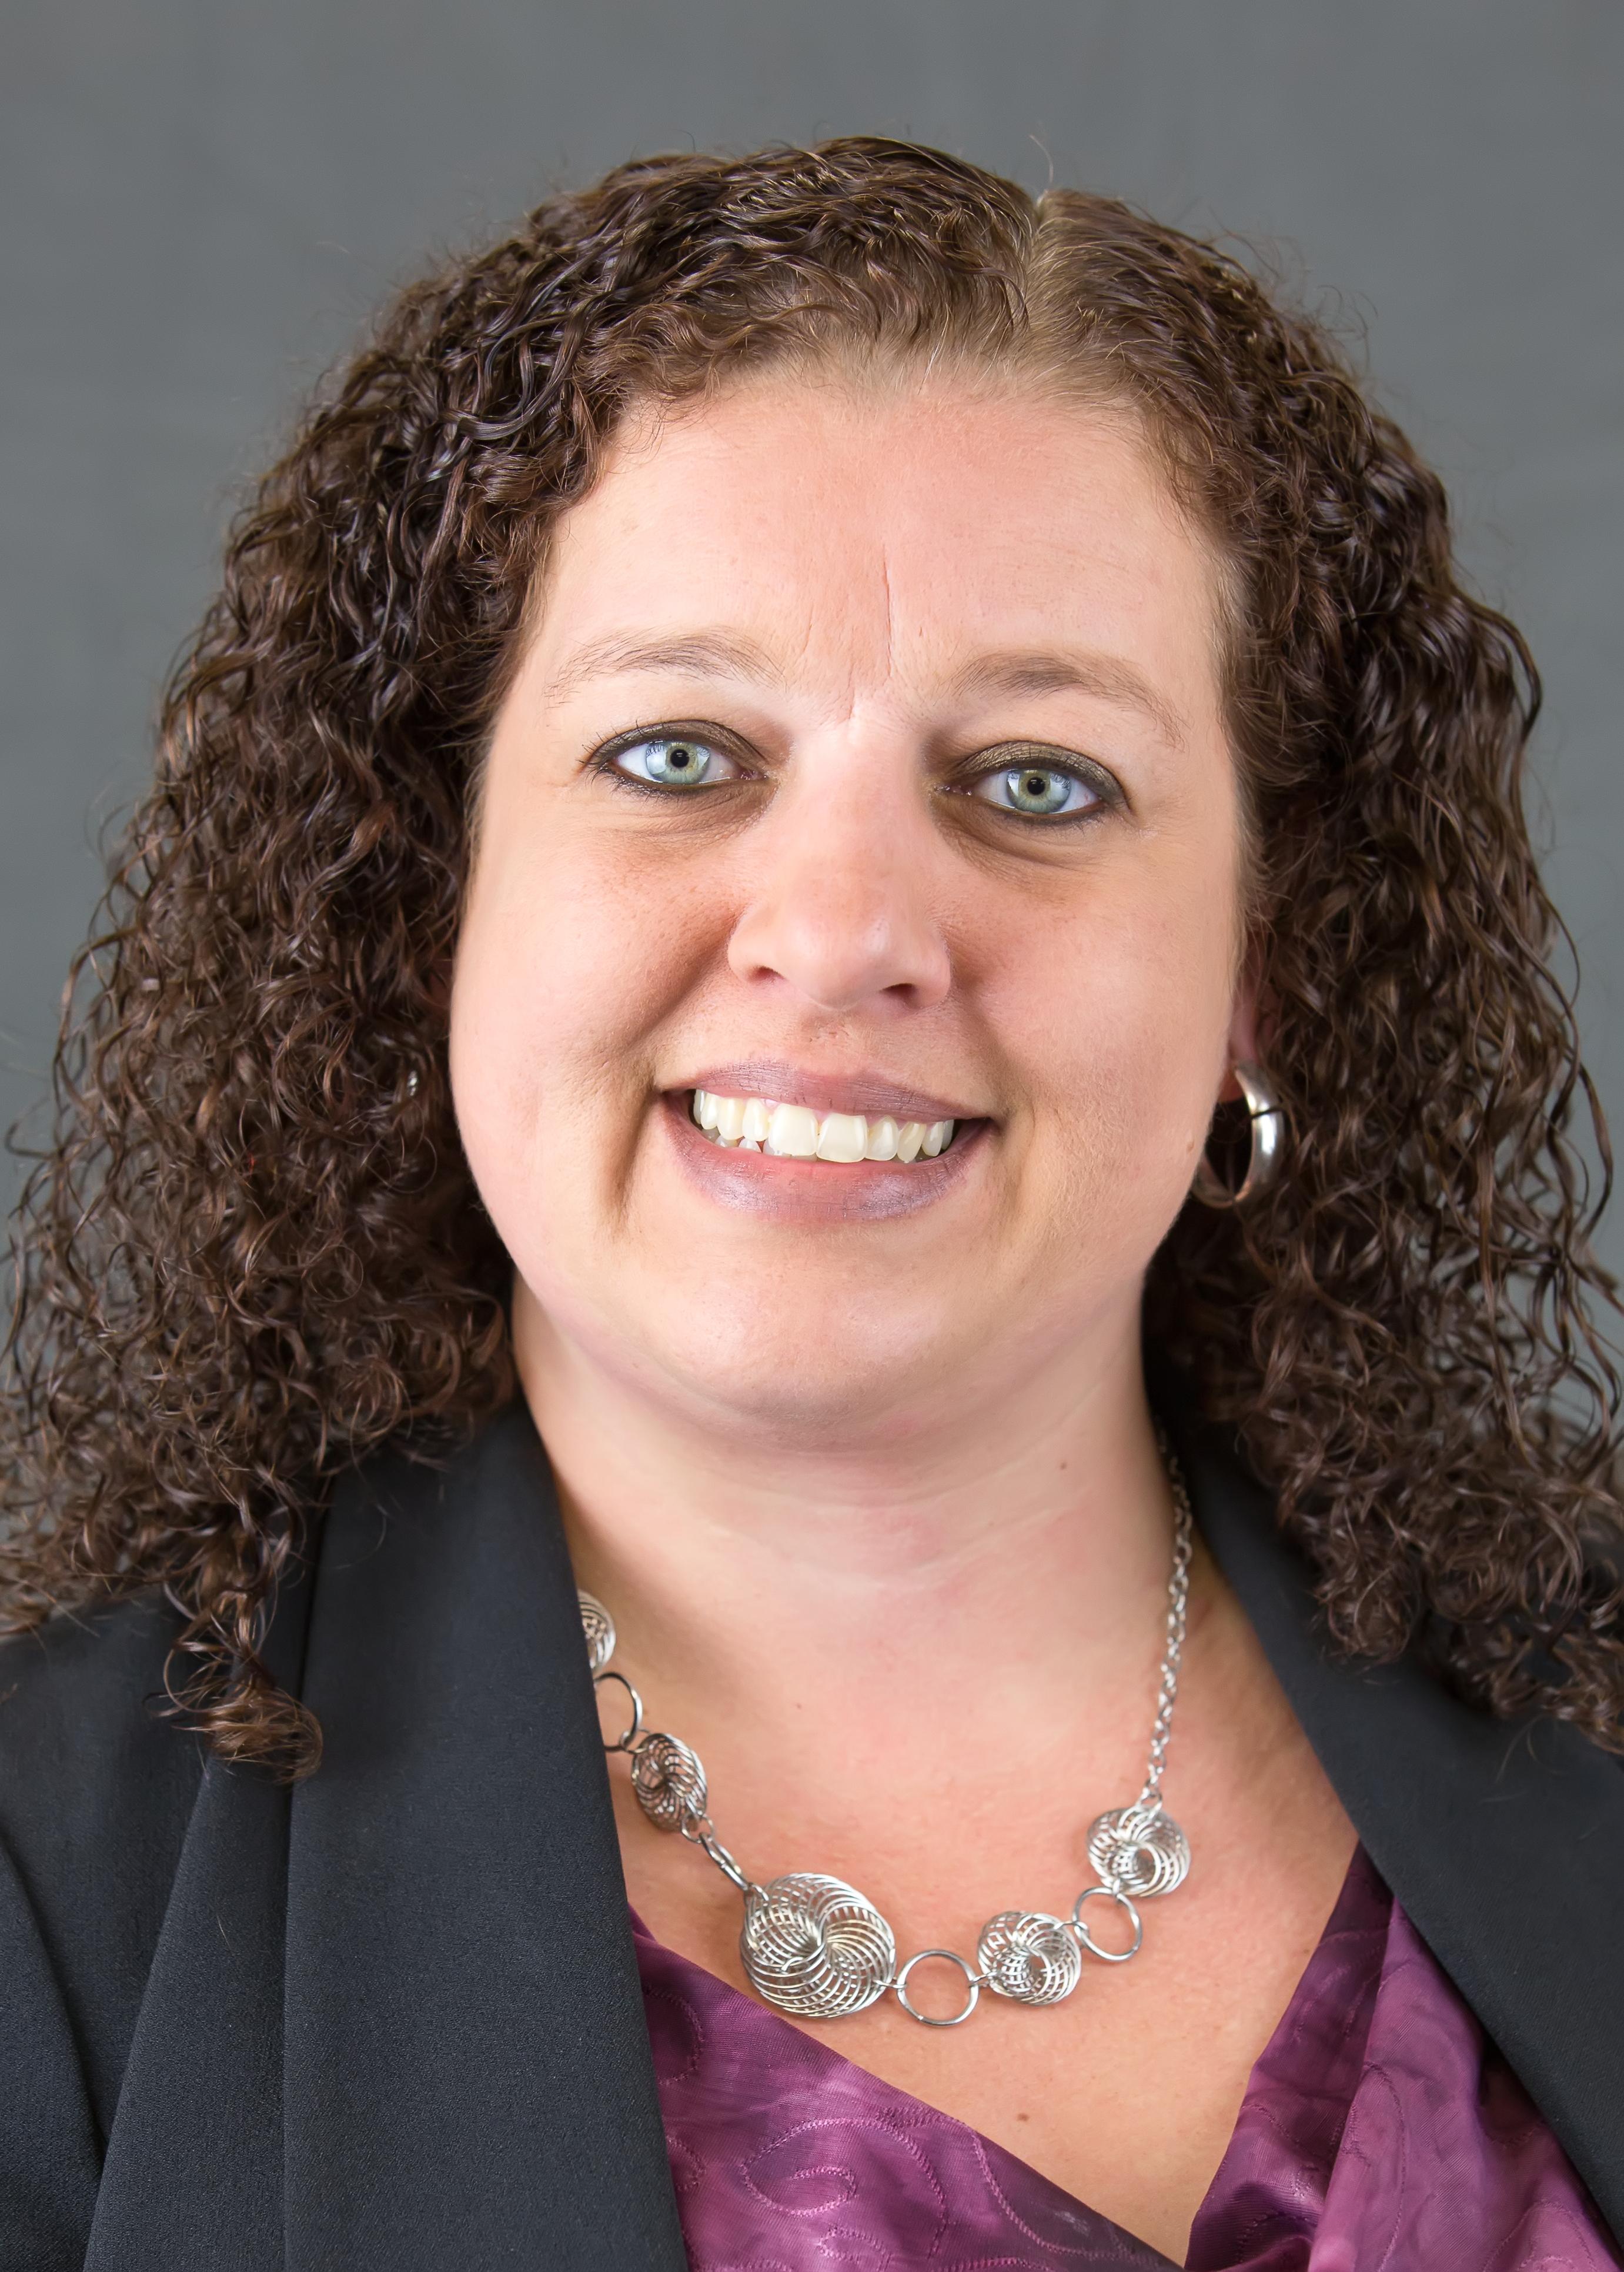 Amy Zangara